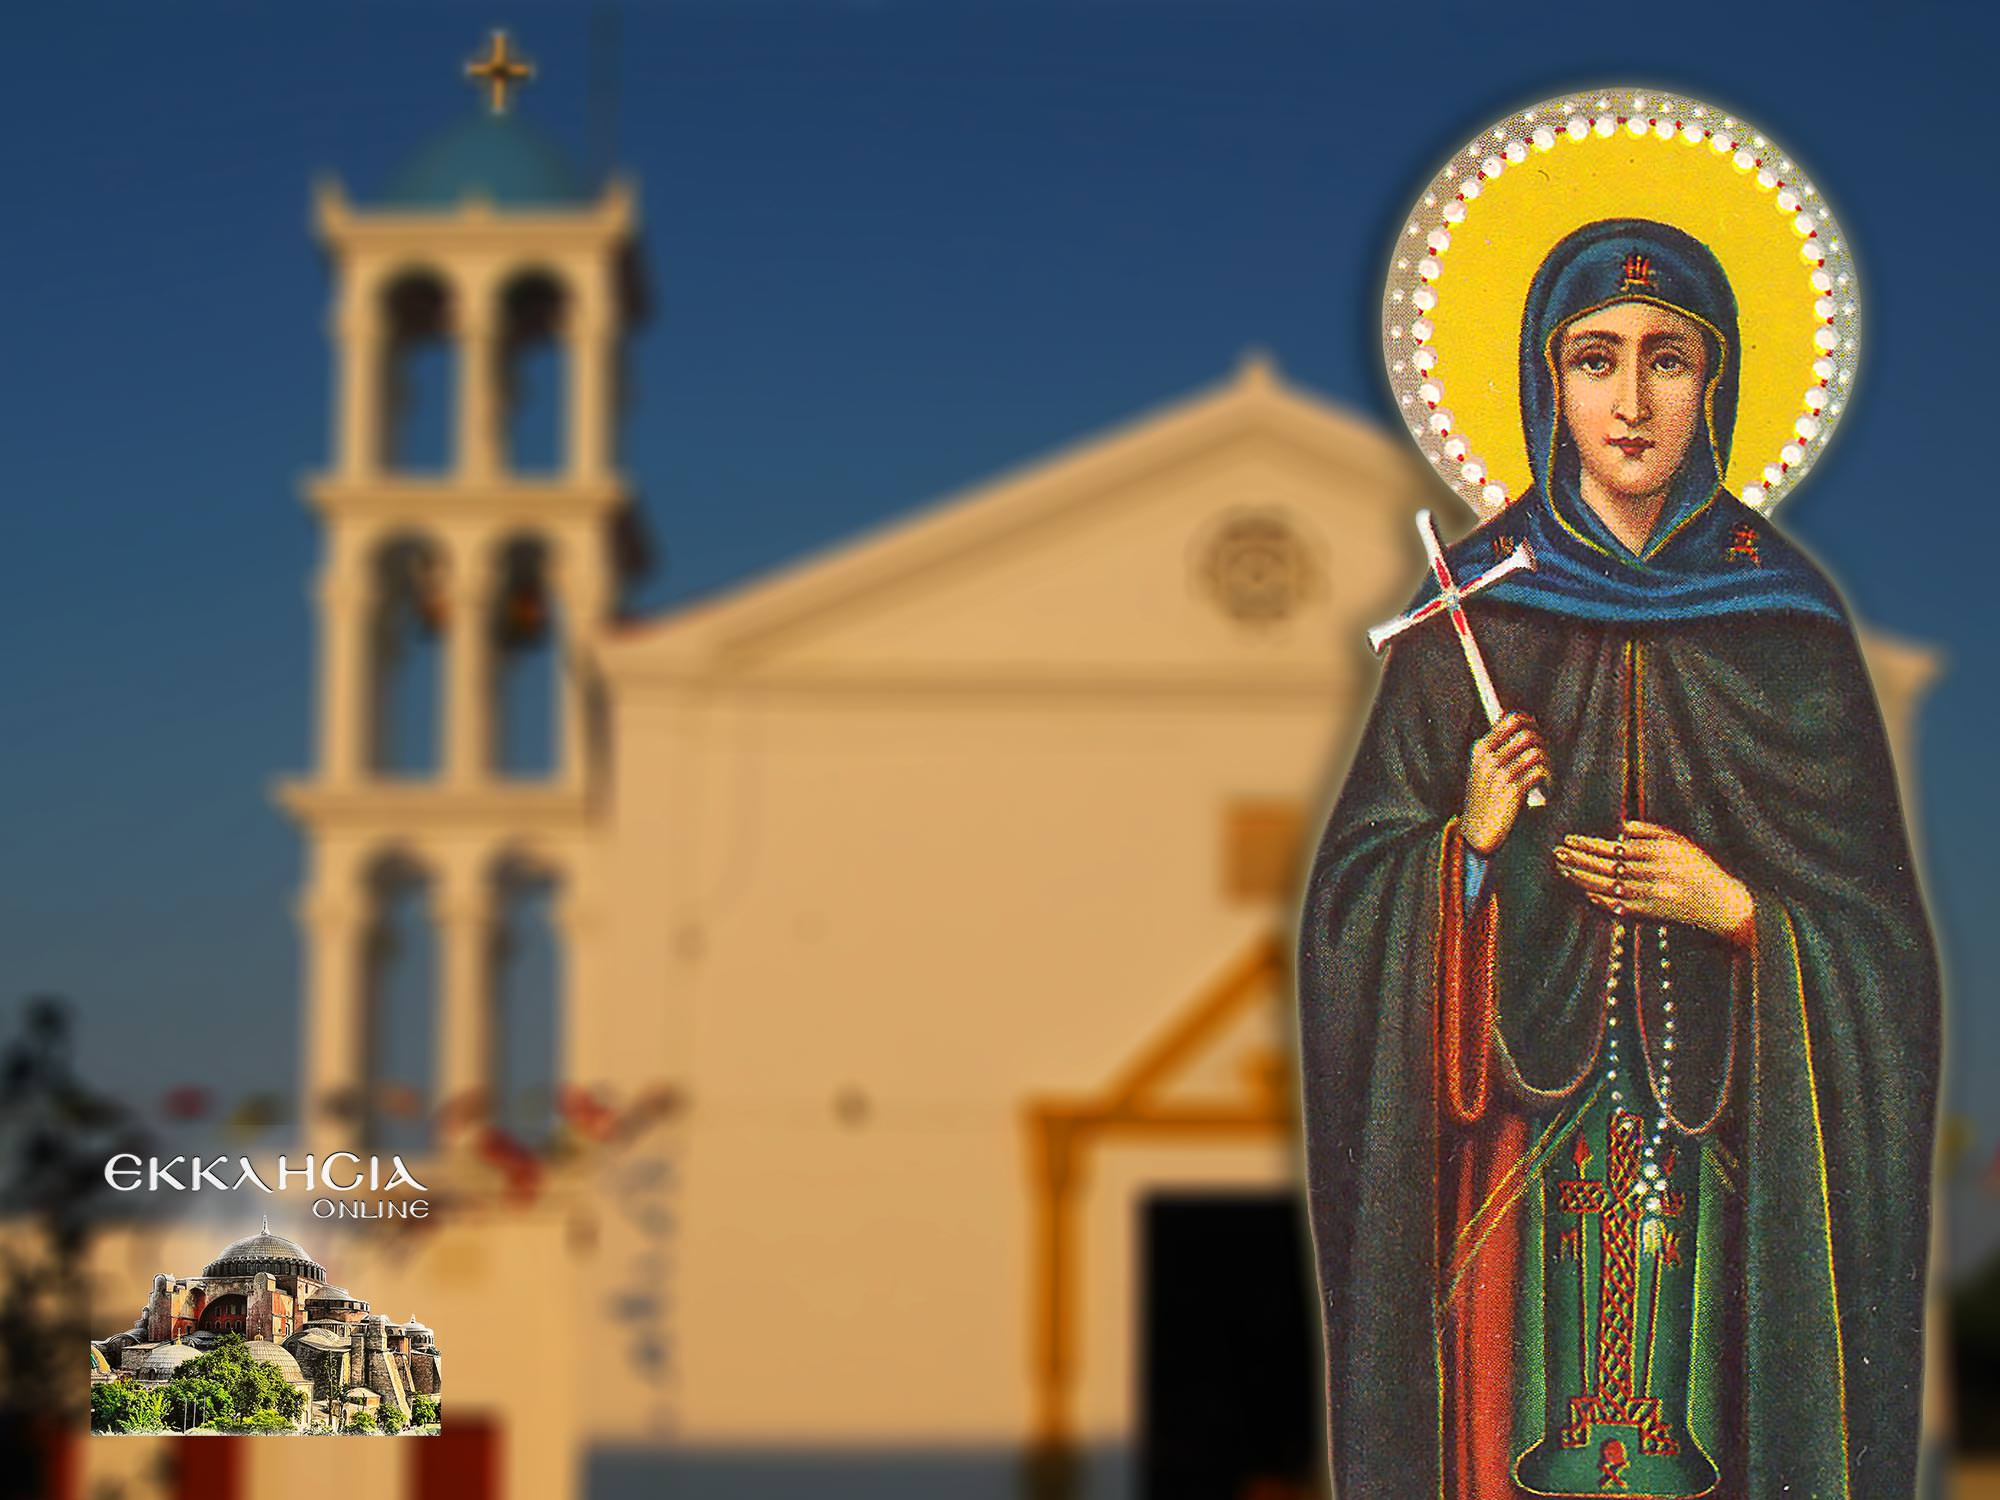 Αγία Ελέσα 1 Αυγούστου